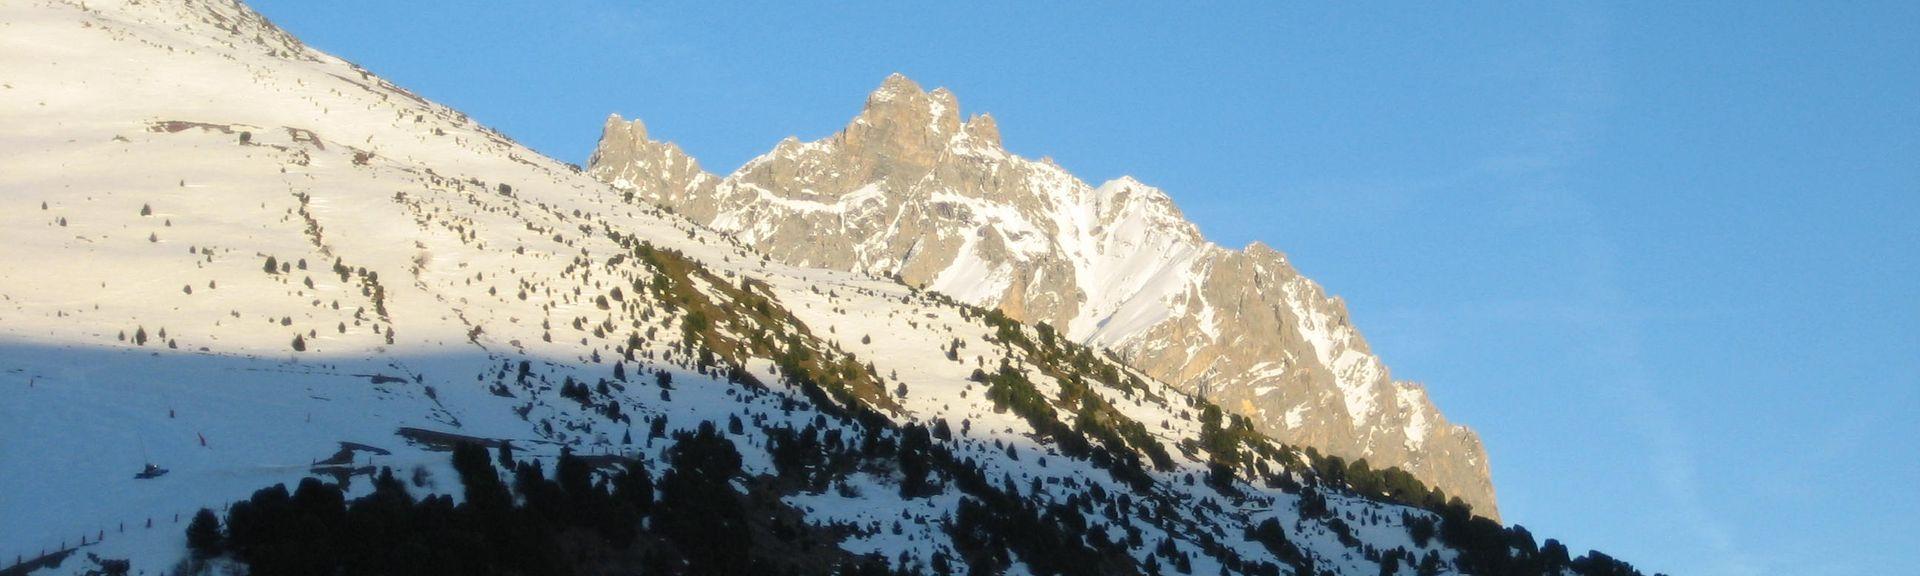 Villarodin-Bourget, Savoie (département), France